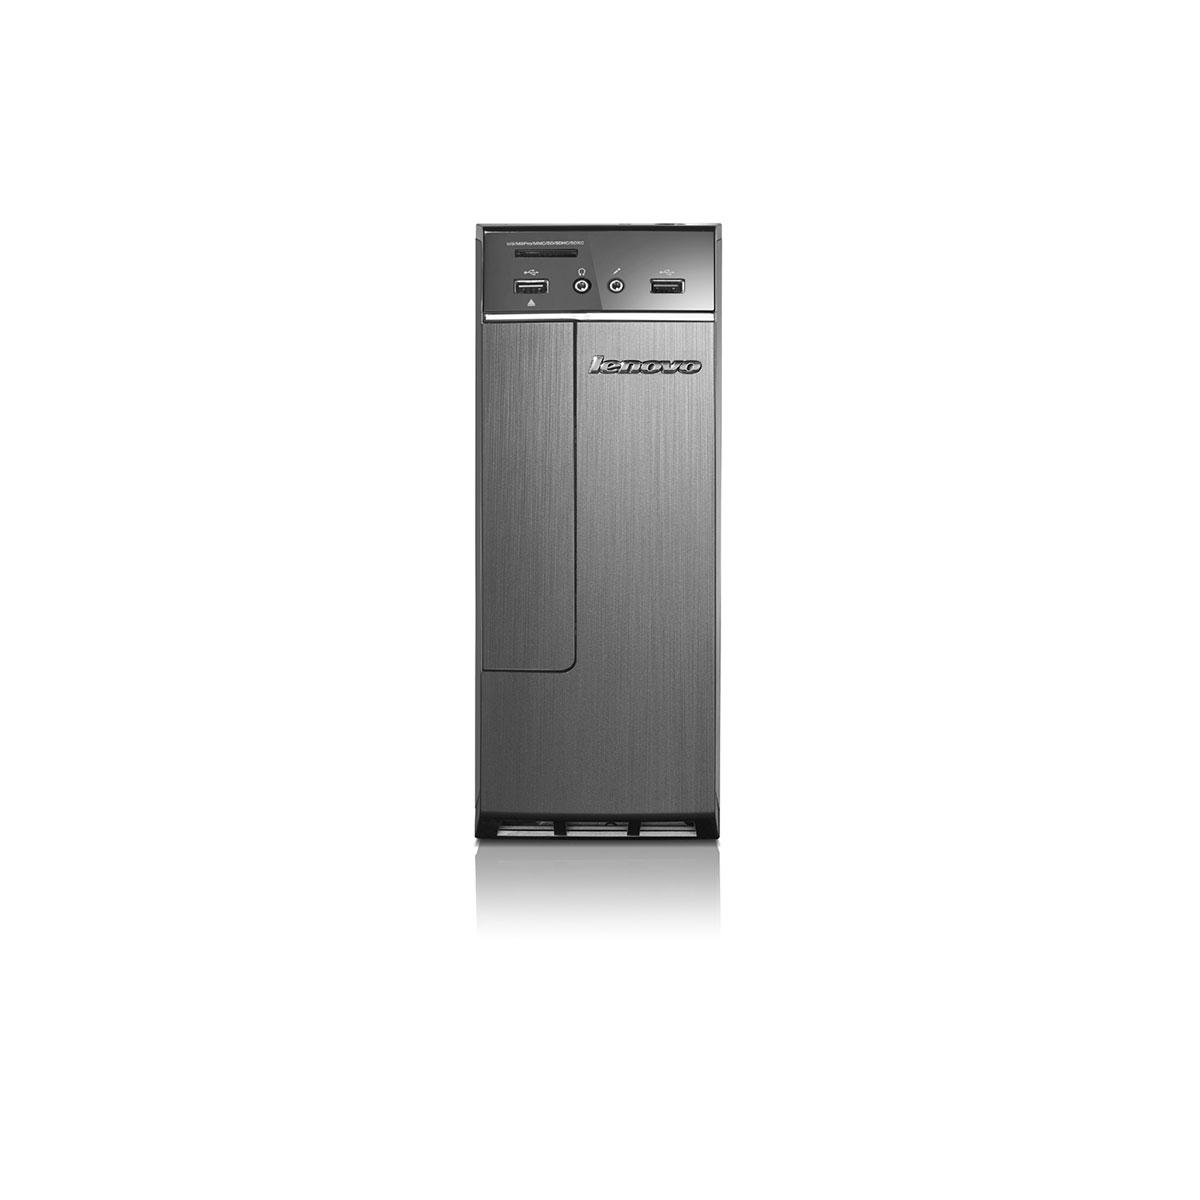 PC de Escritorio Lenovo IDEA-530-50 90B9004VCB